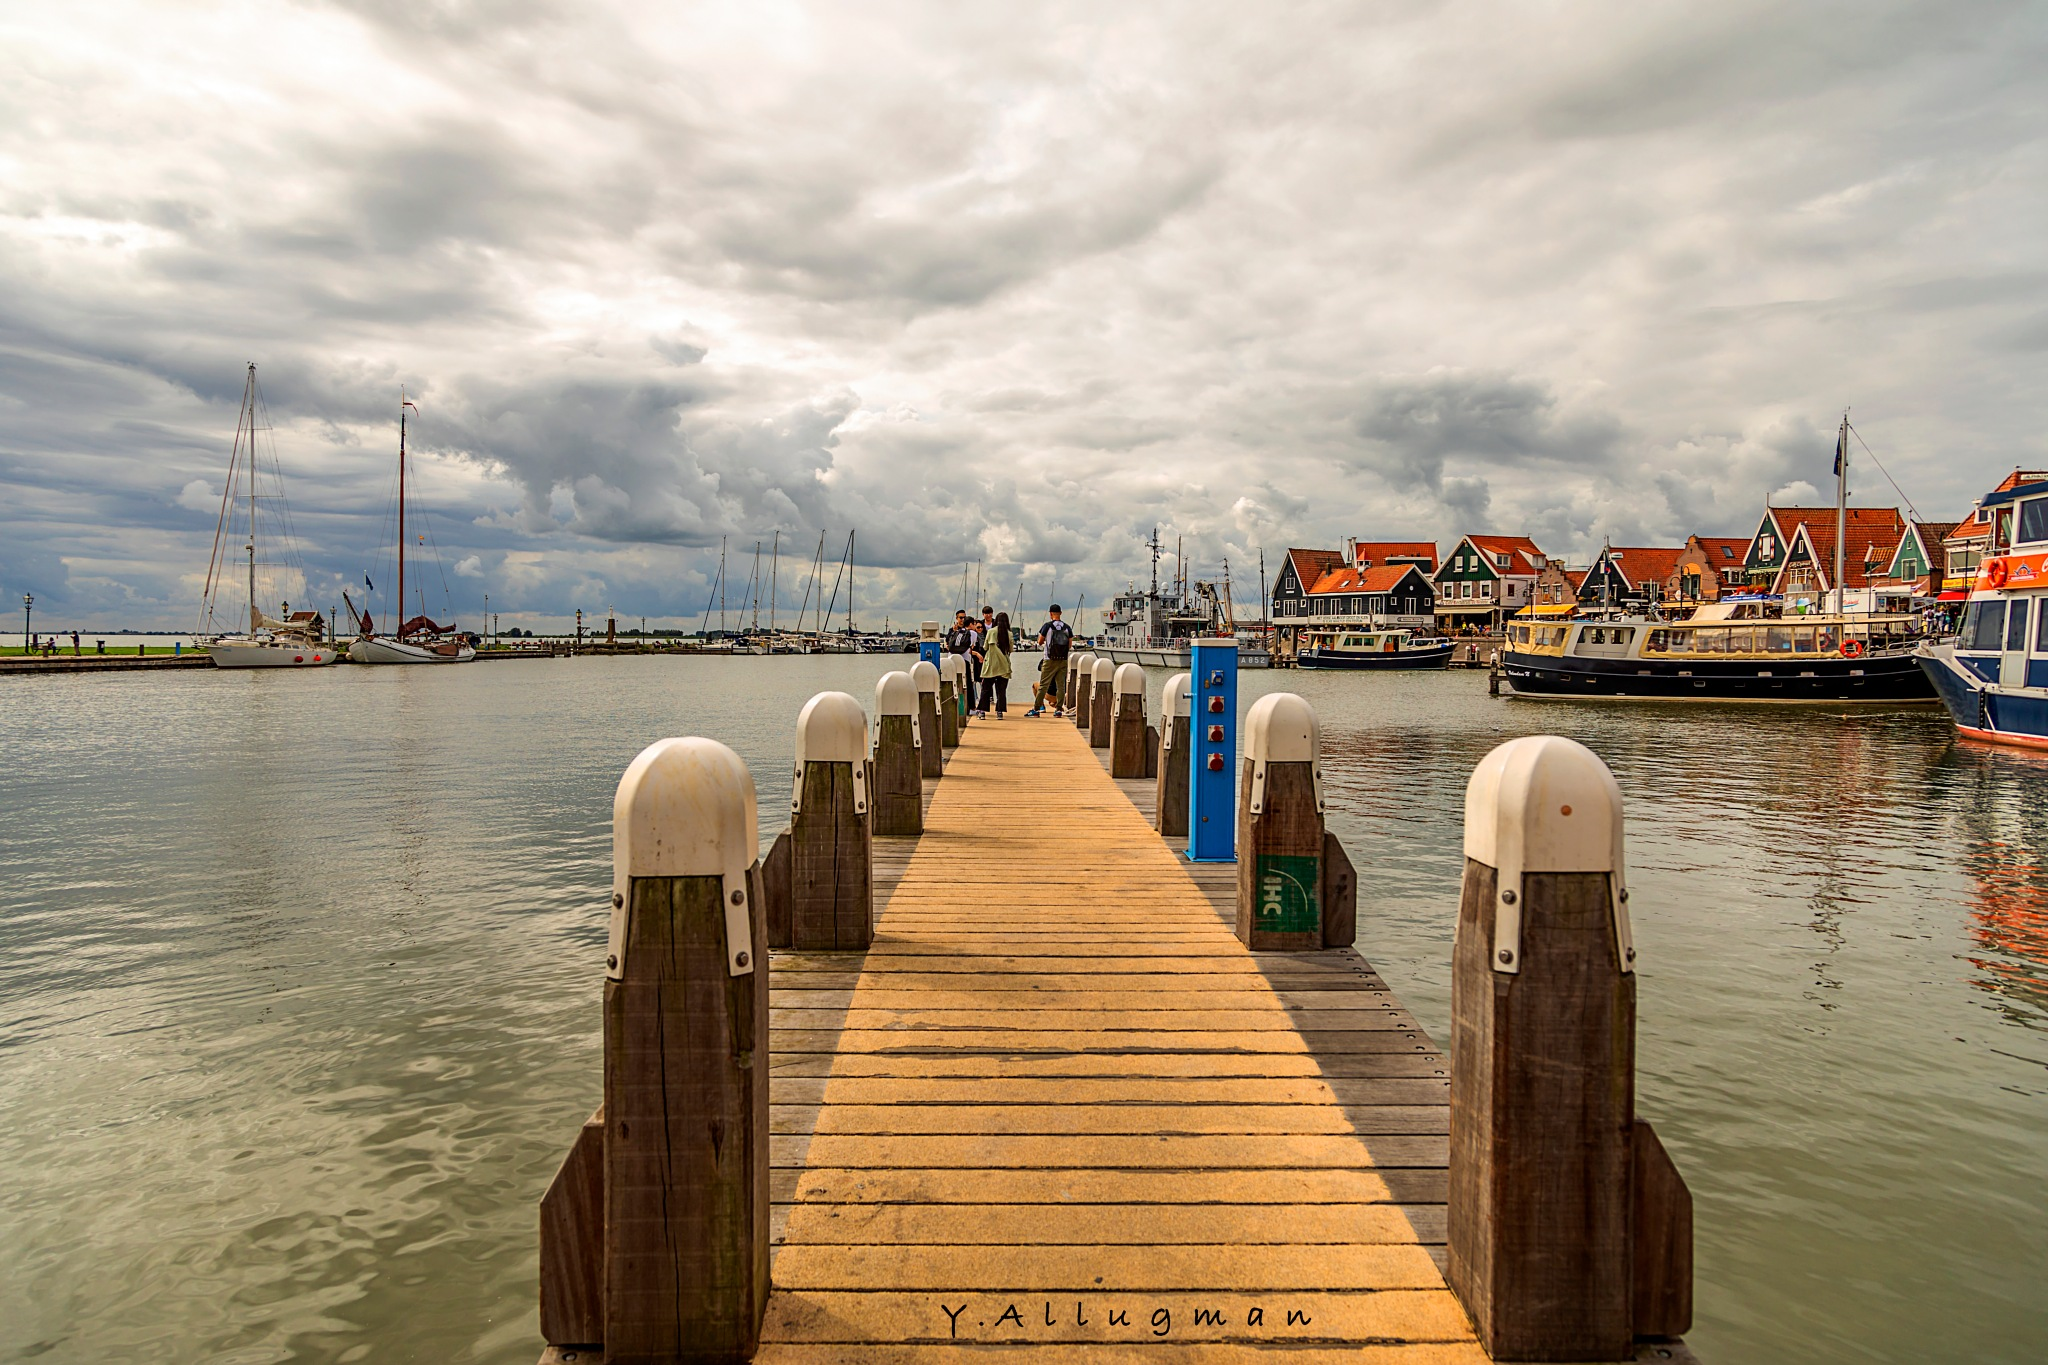 Amsterdam-19 by Y.Allugman